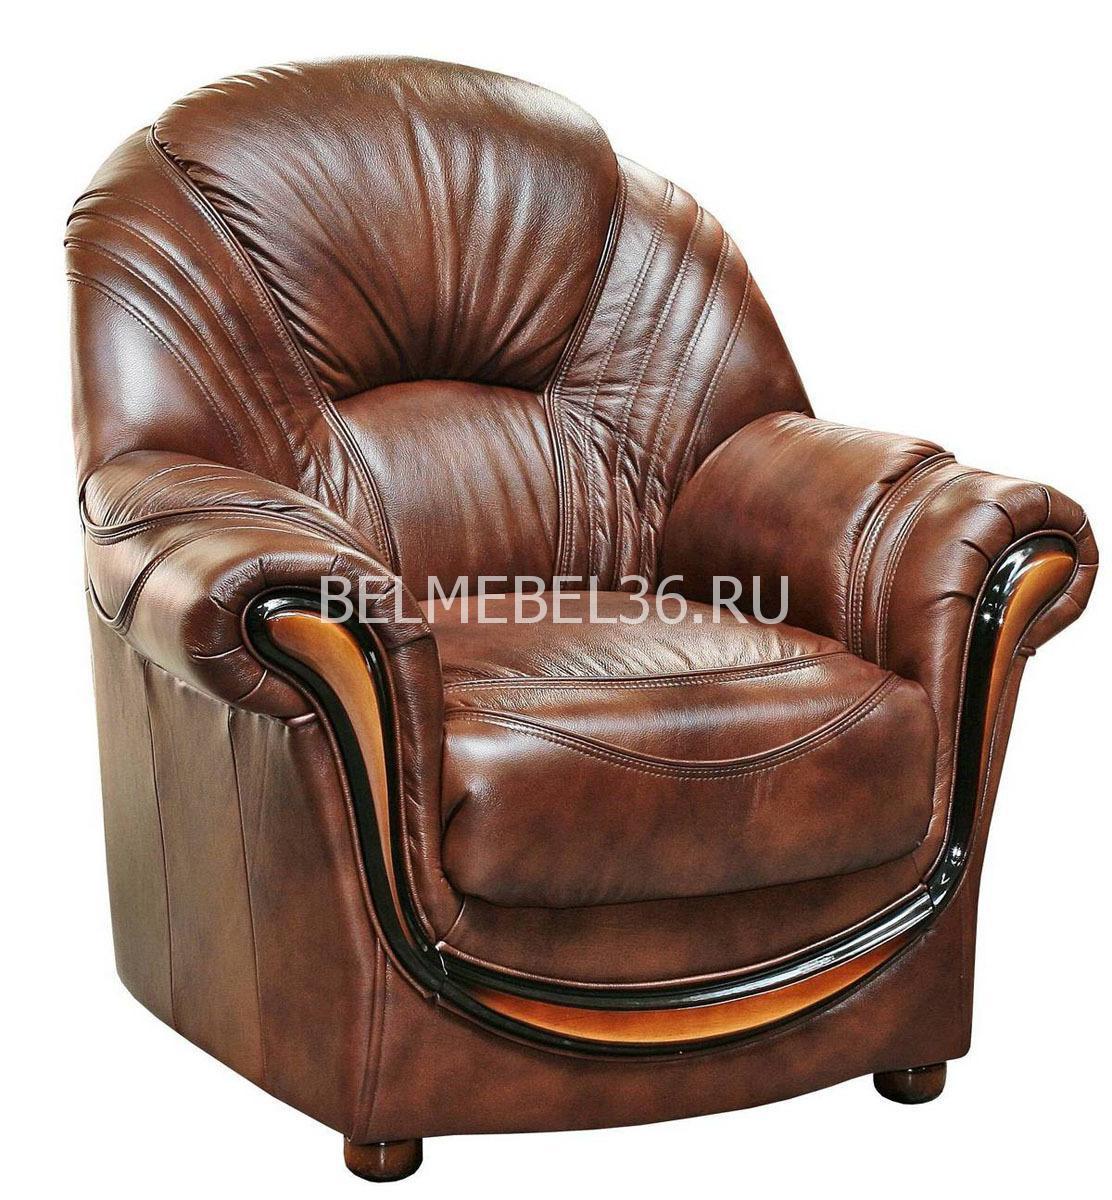 Кресло Дельта (12) П-Д071   Белорусская мебель в Воронеже